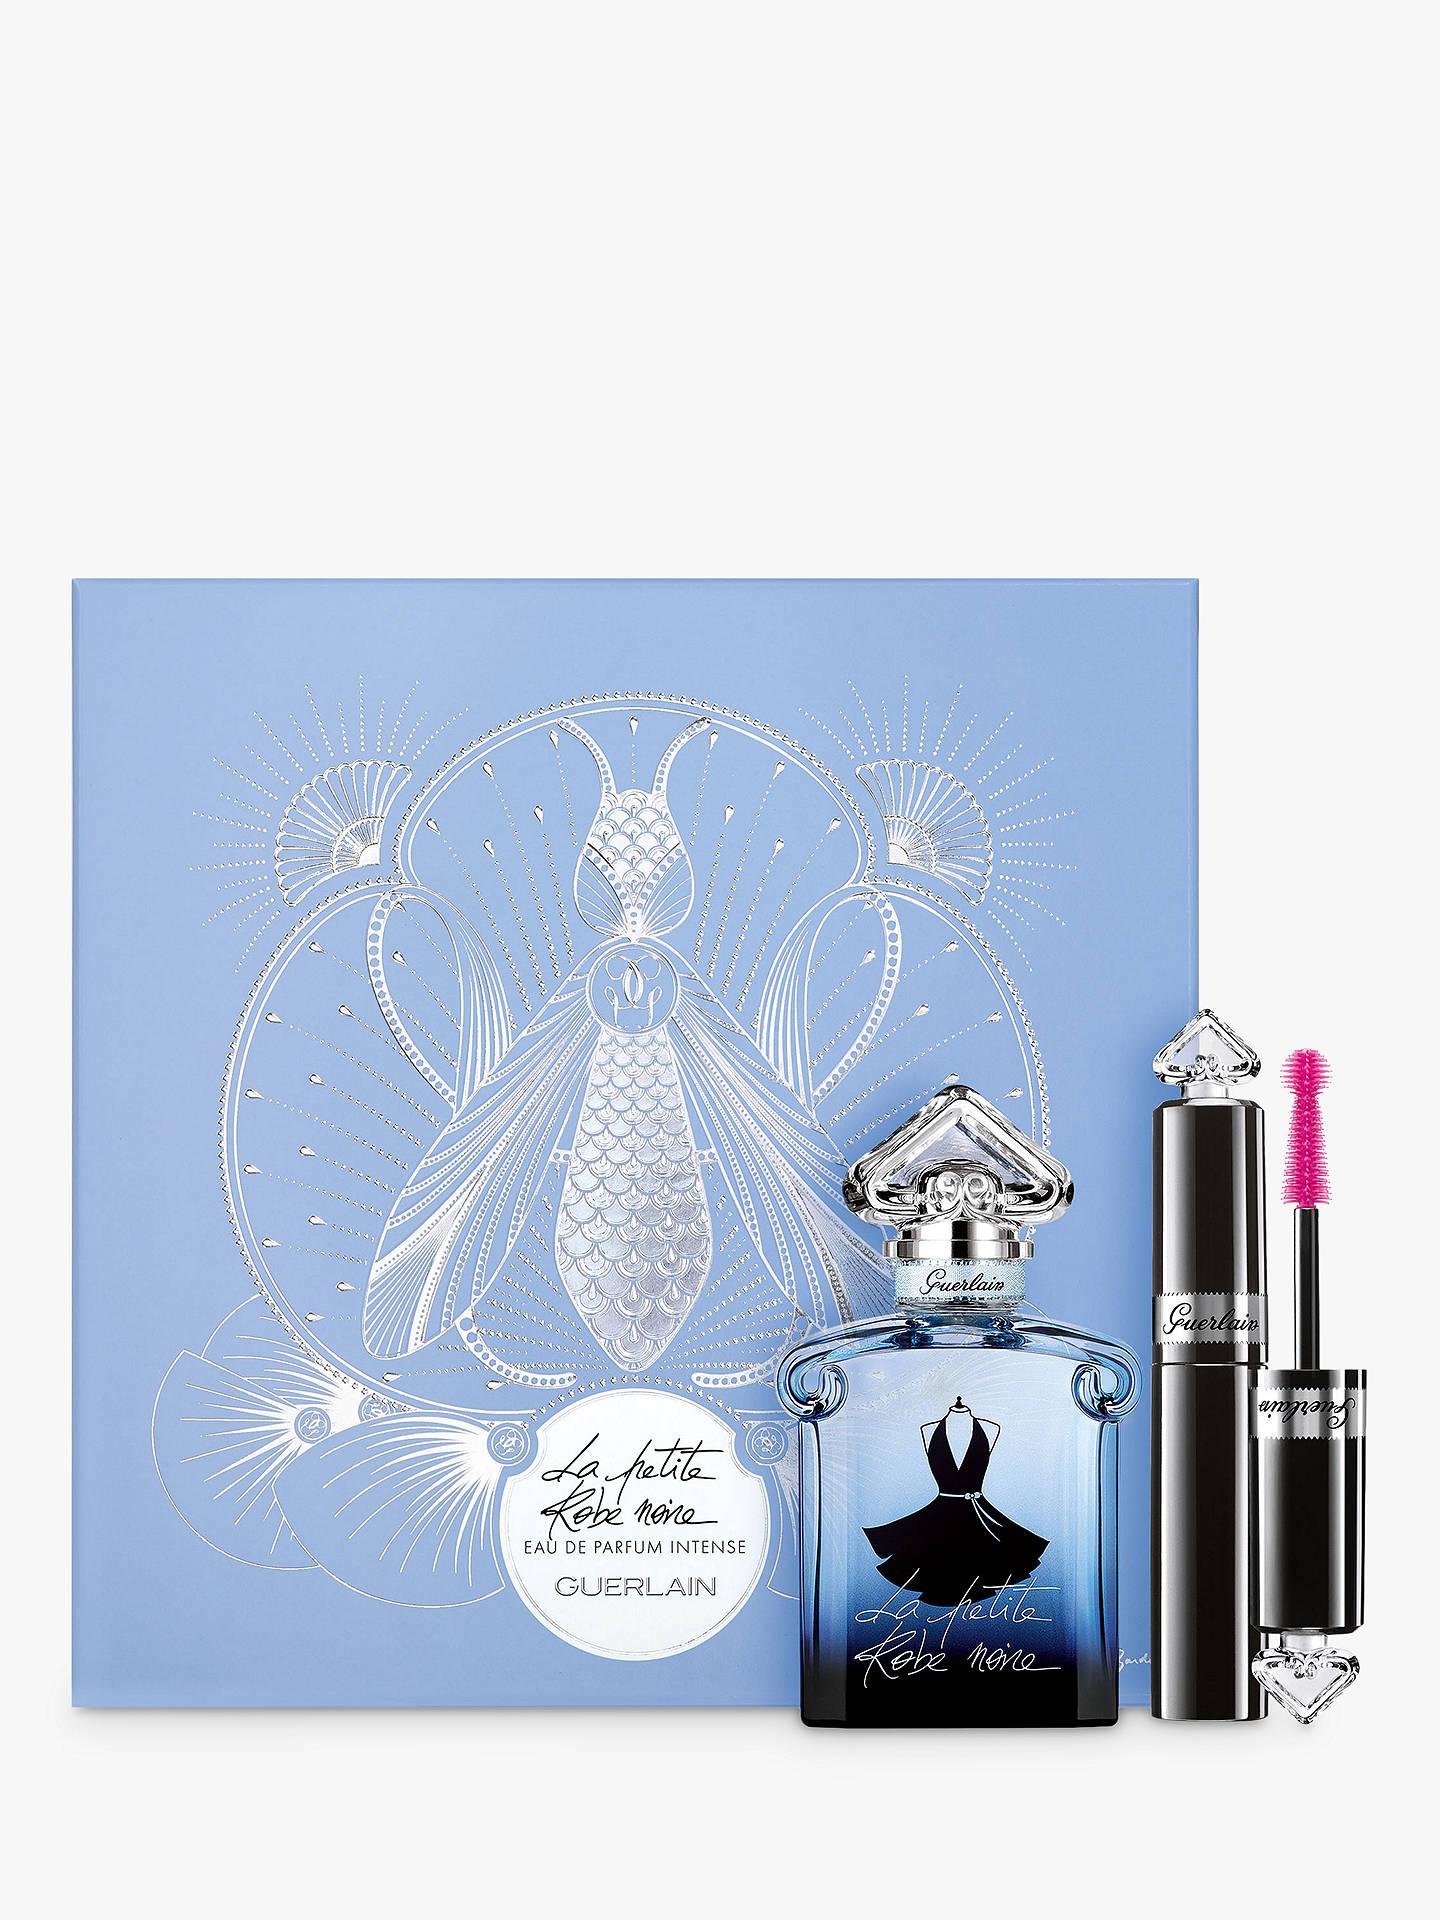 a2e38b73a7d Buy Guerlain La Petite Robe Noire 50ml Eau de Parfum Intense Fragrance Gift  Set Online at